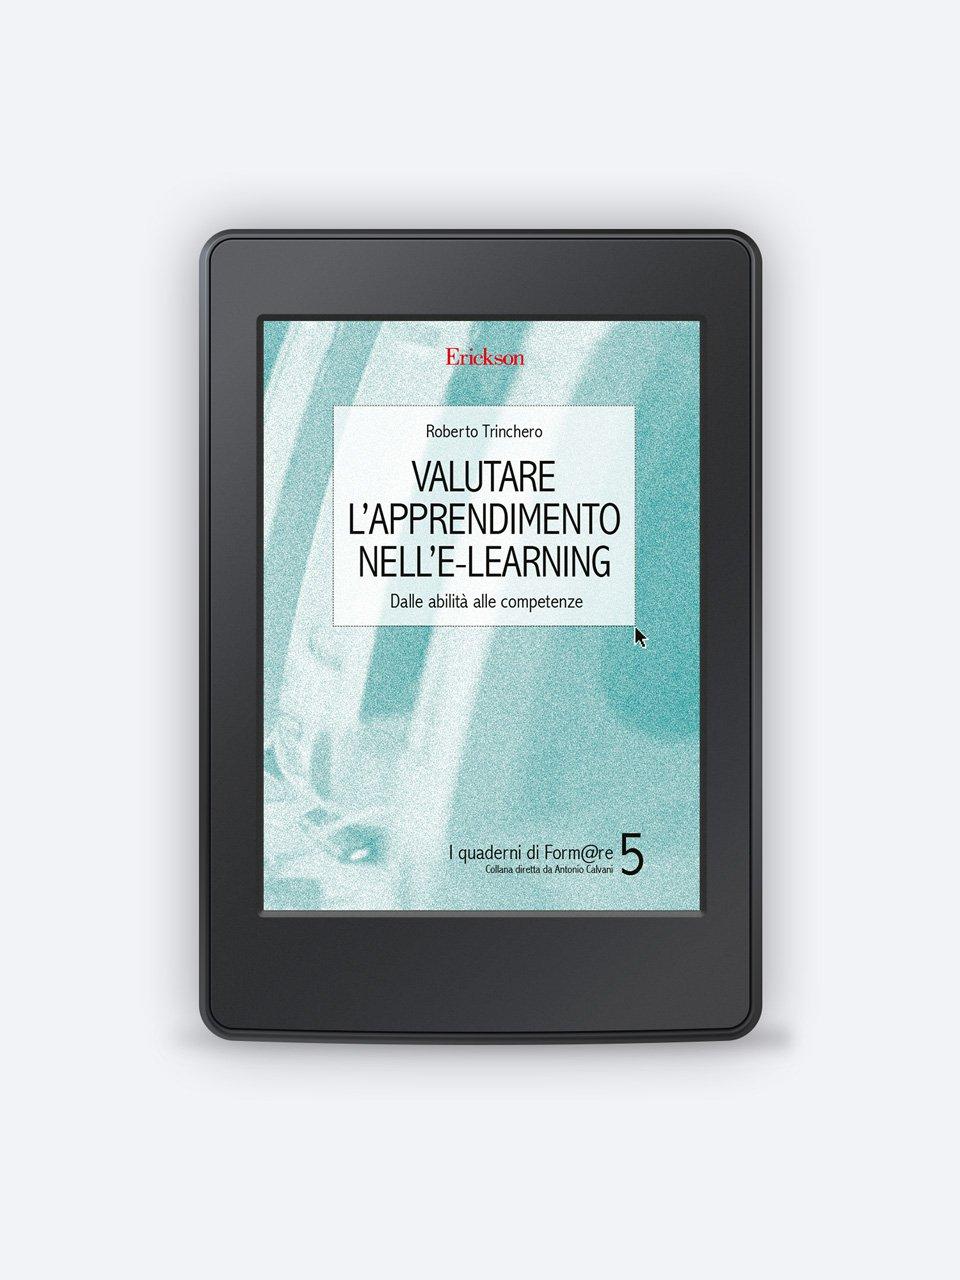 Valutare l'apprendimento nell'e-learning - La competenza digitale nella scuola - Libri - Erickson